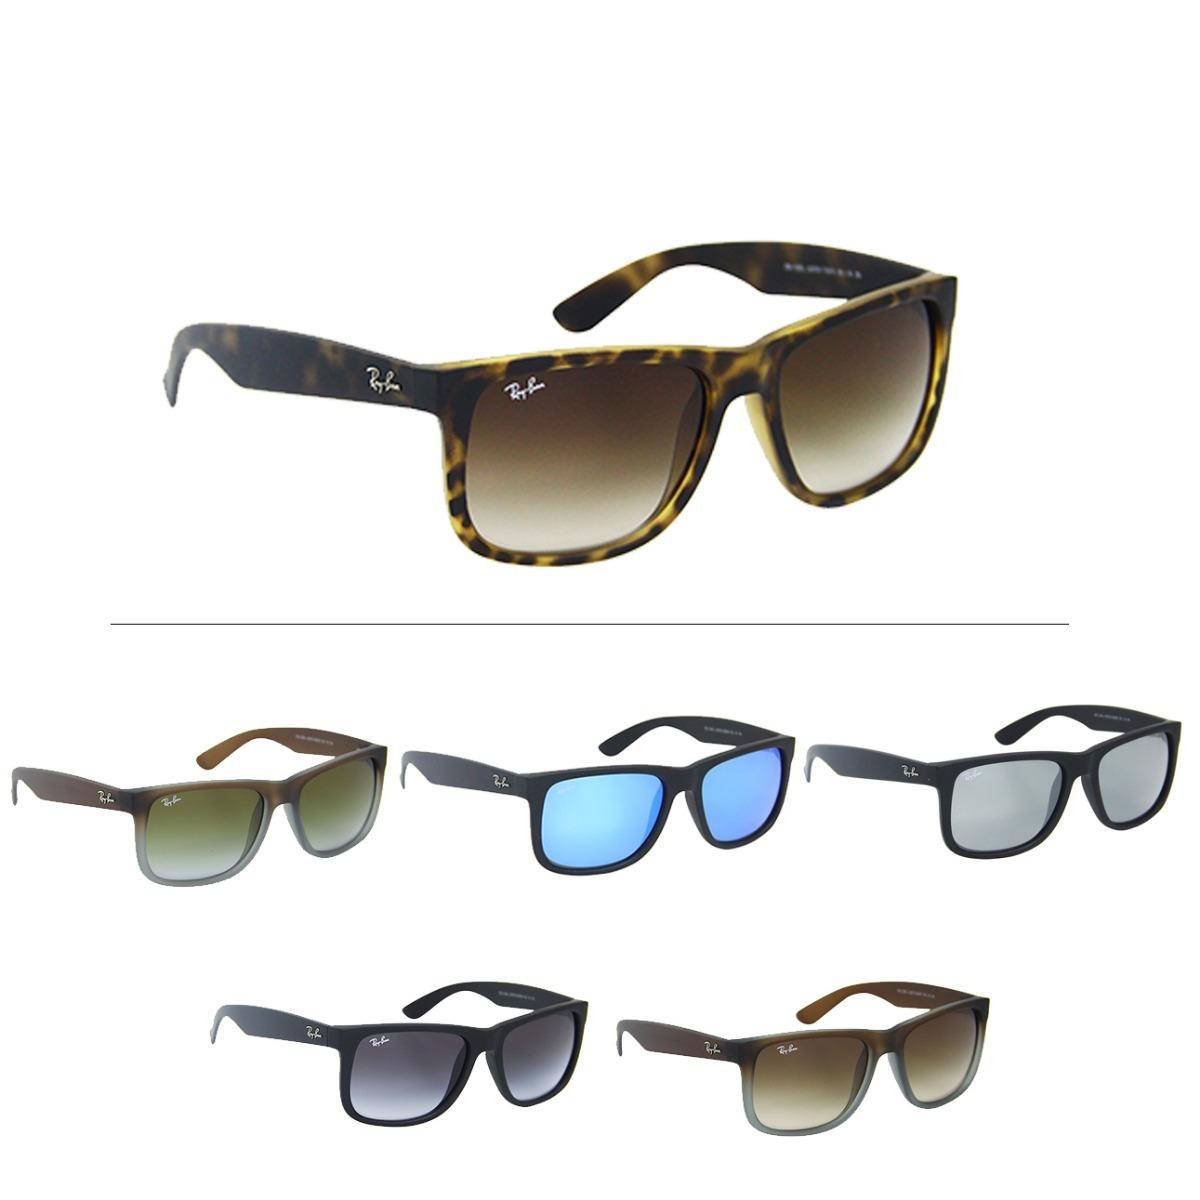 7129168c6 Óculos De Sol Ray Ban Justin Rb 4165 - Masculino - R$ 439,00 em ...